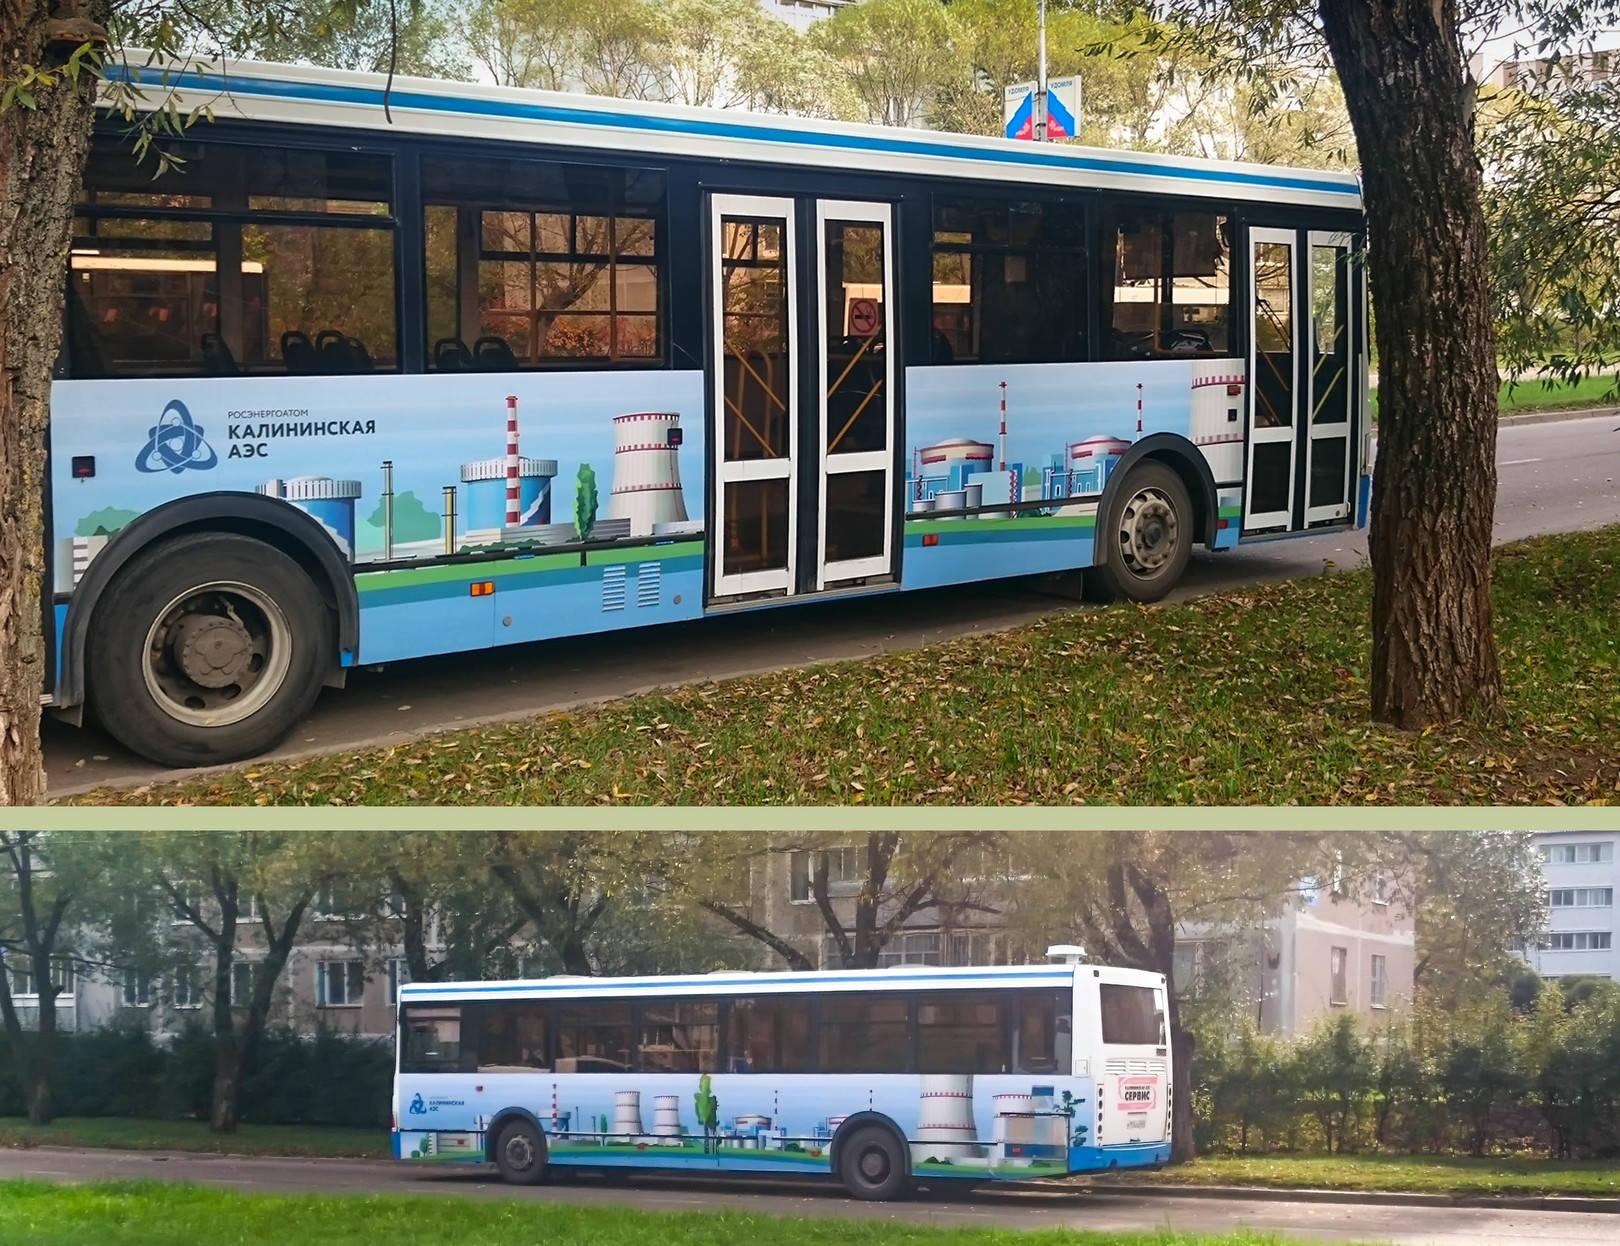 Корпоративный рейсовый автобус Калининской АЭС